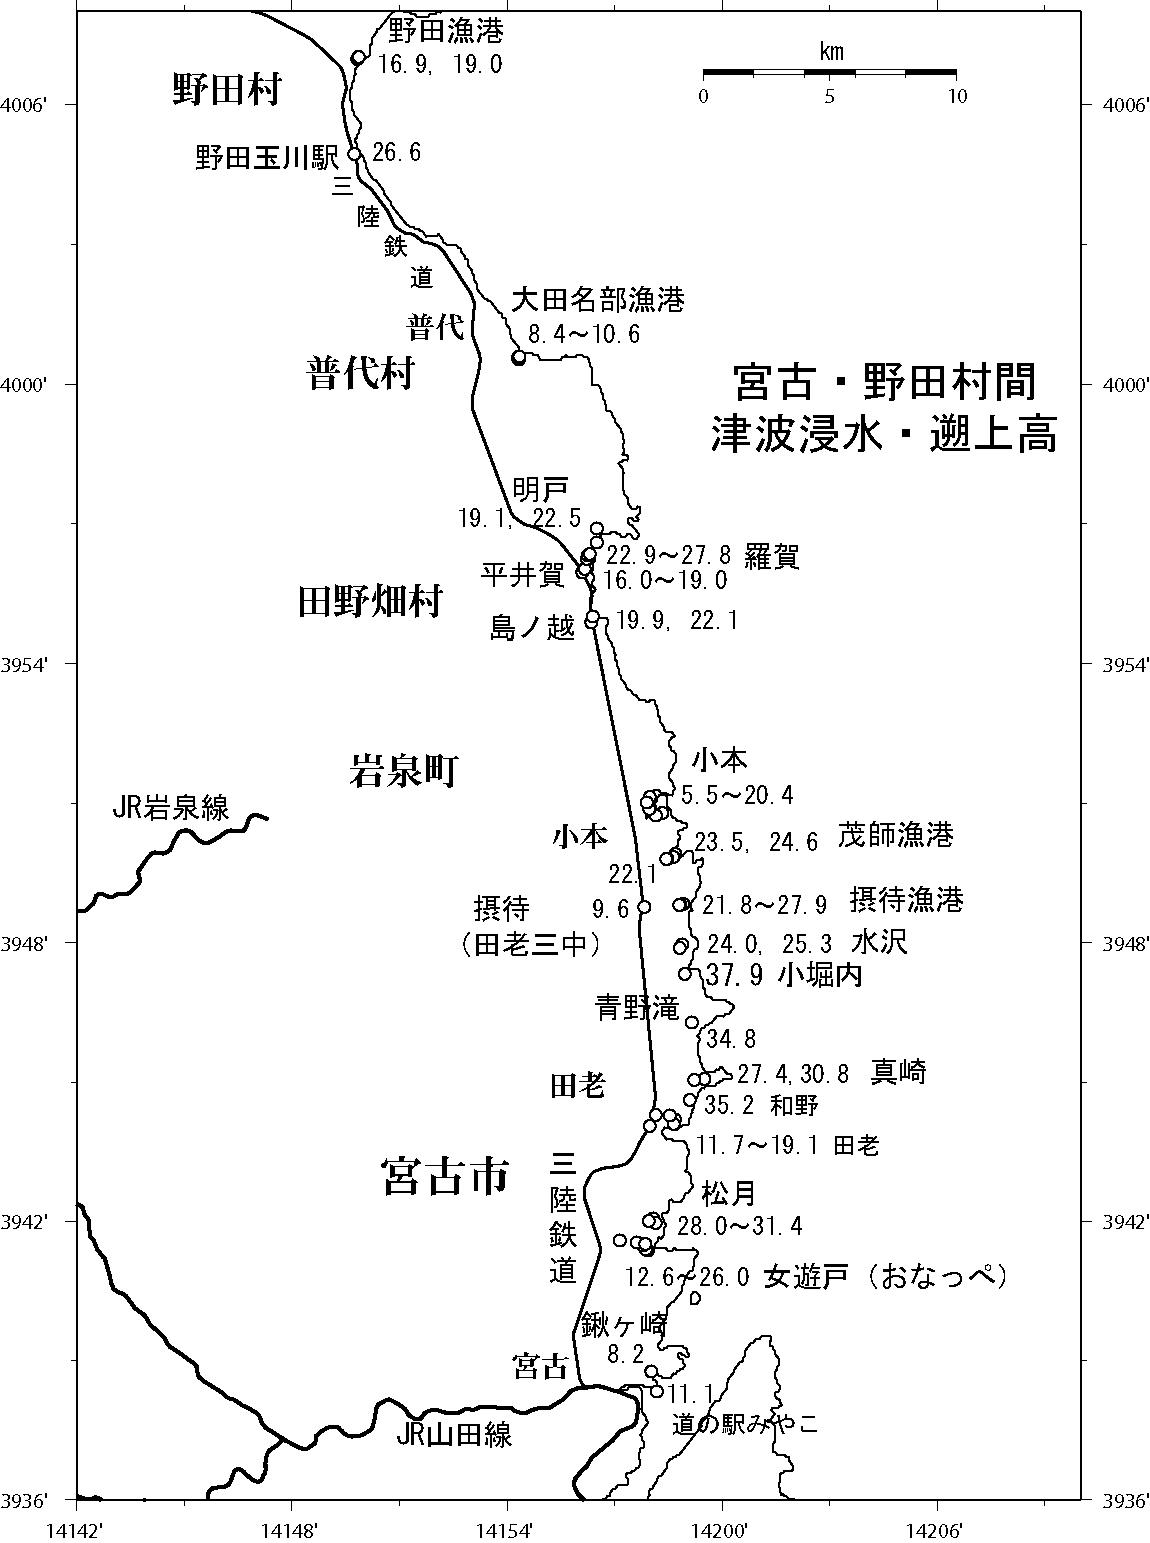 三陸北部津波高_都司.jpg